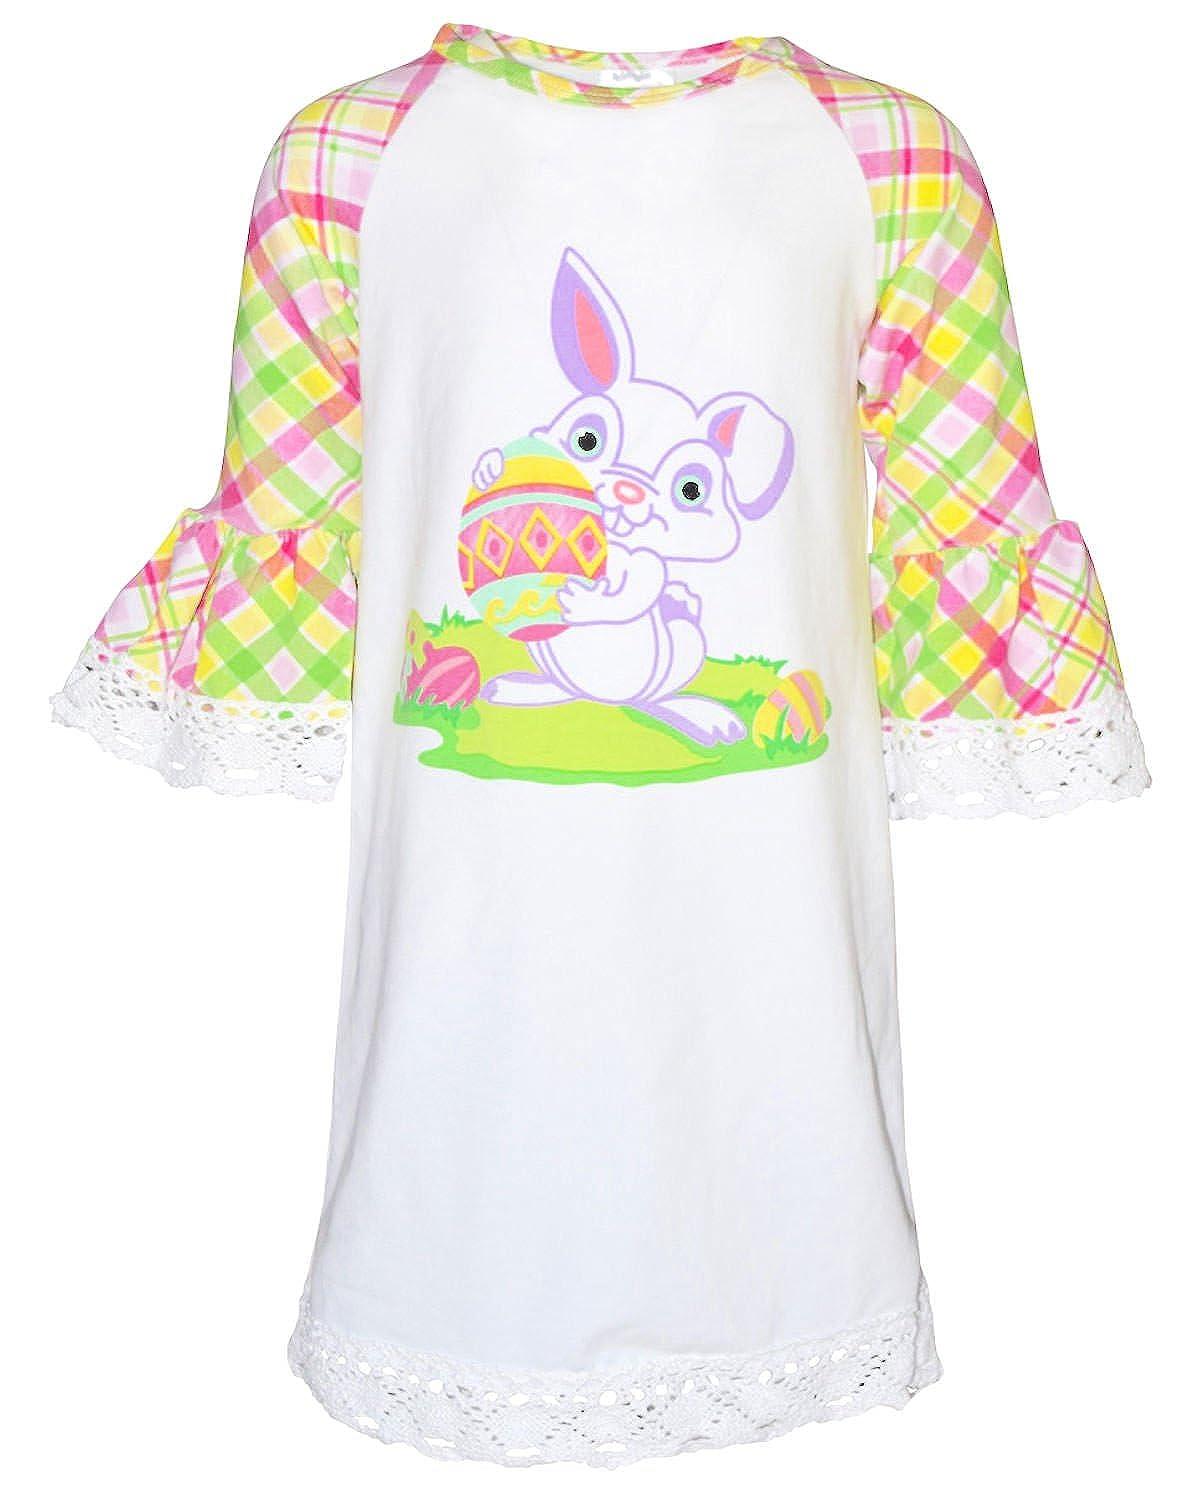 100%品質 一意Baby Easter Girls Easter Bunny Easterシャツドレス Girls 2T 2T ホワイト B06XCD5VQM, ファーストドア:1d9b3772 --- a0267596.xsph.ru